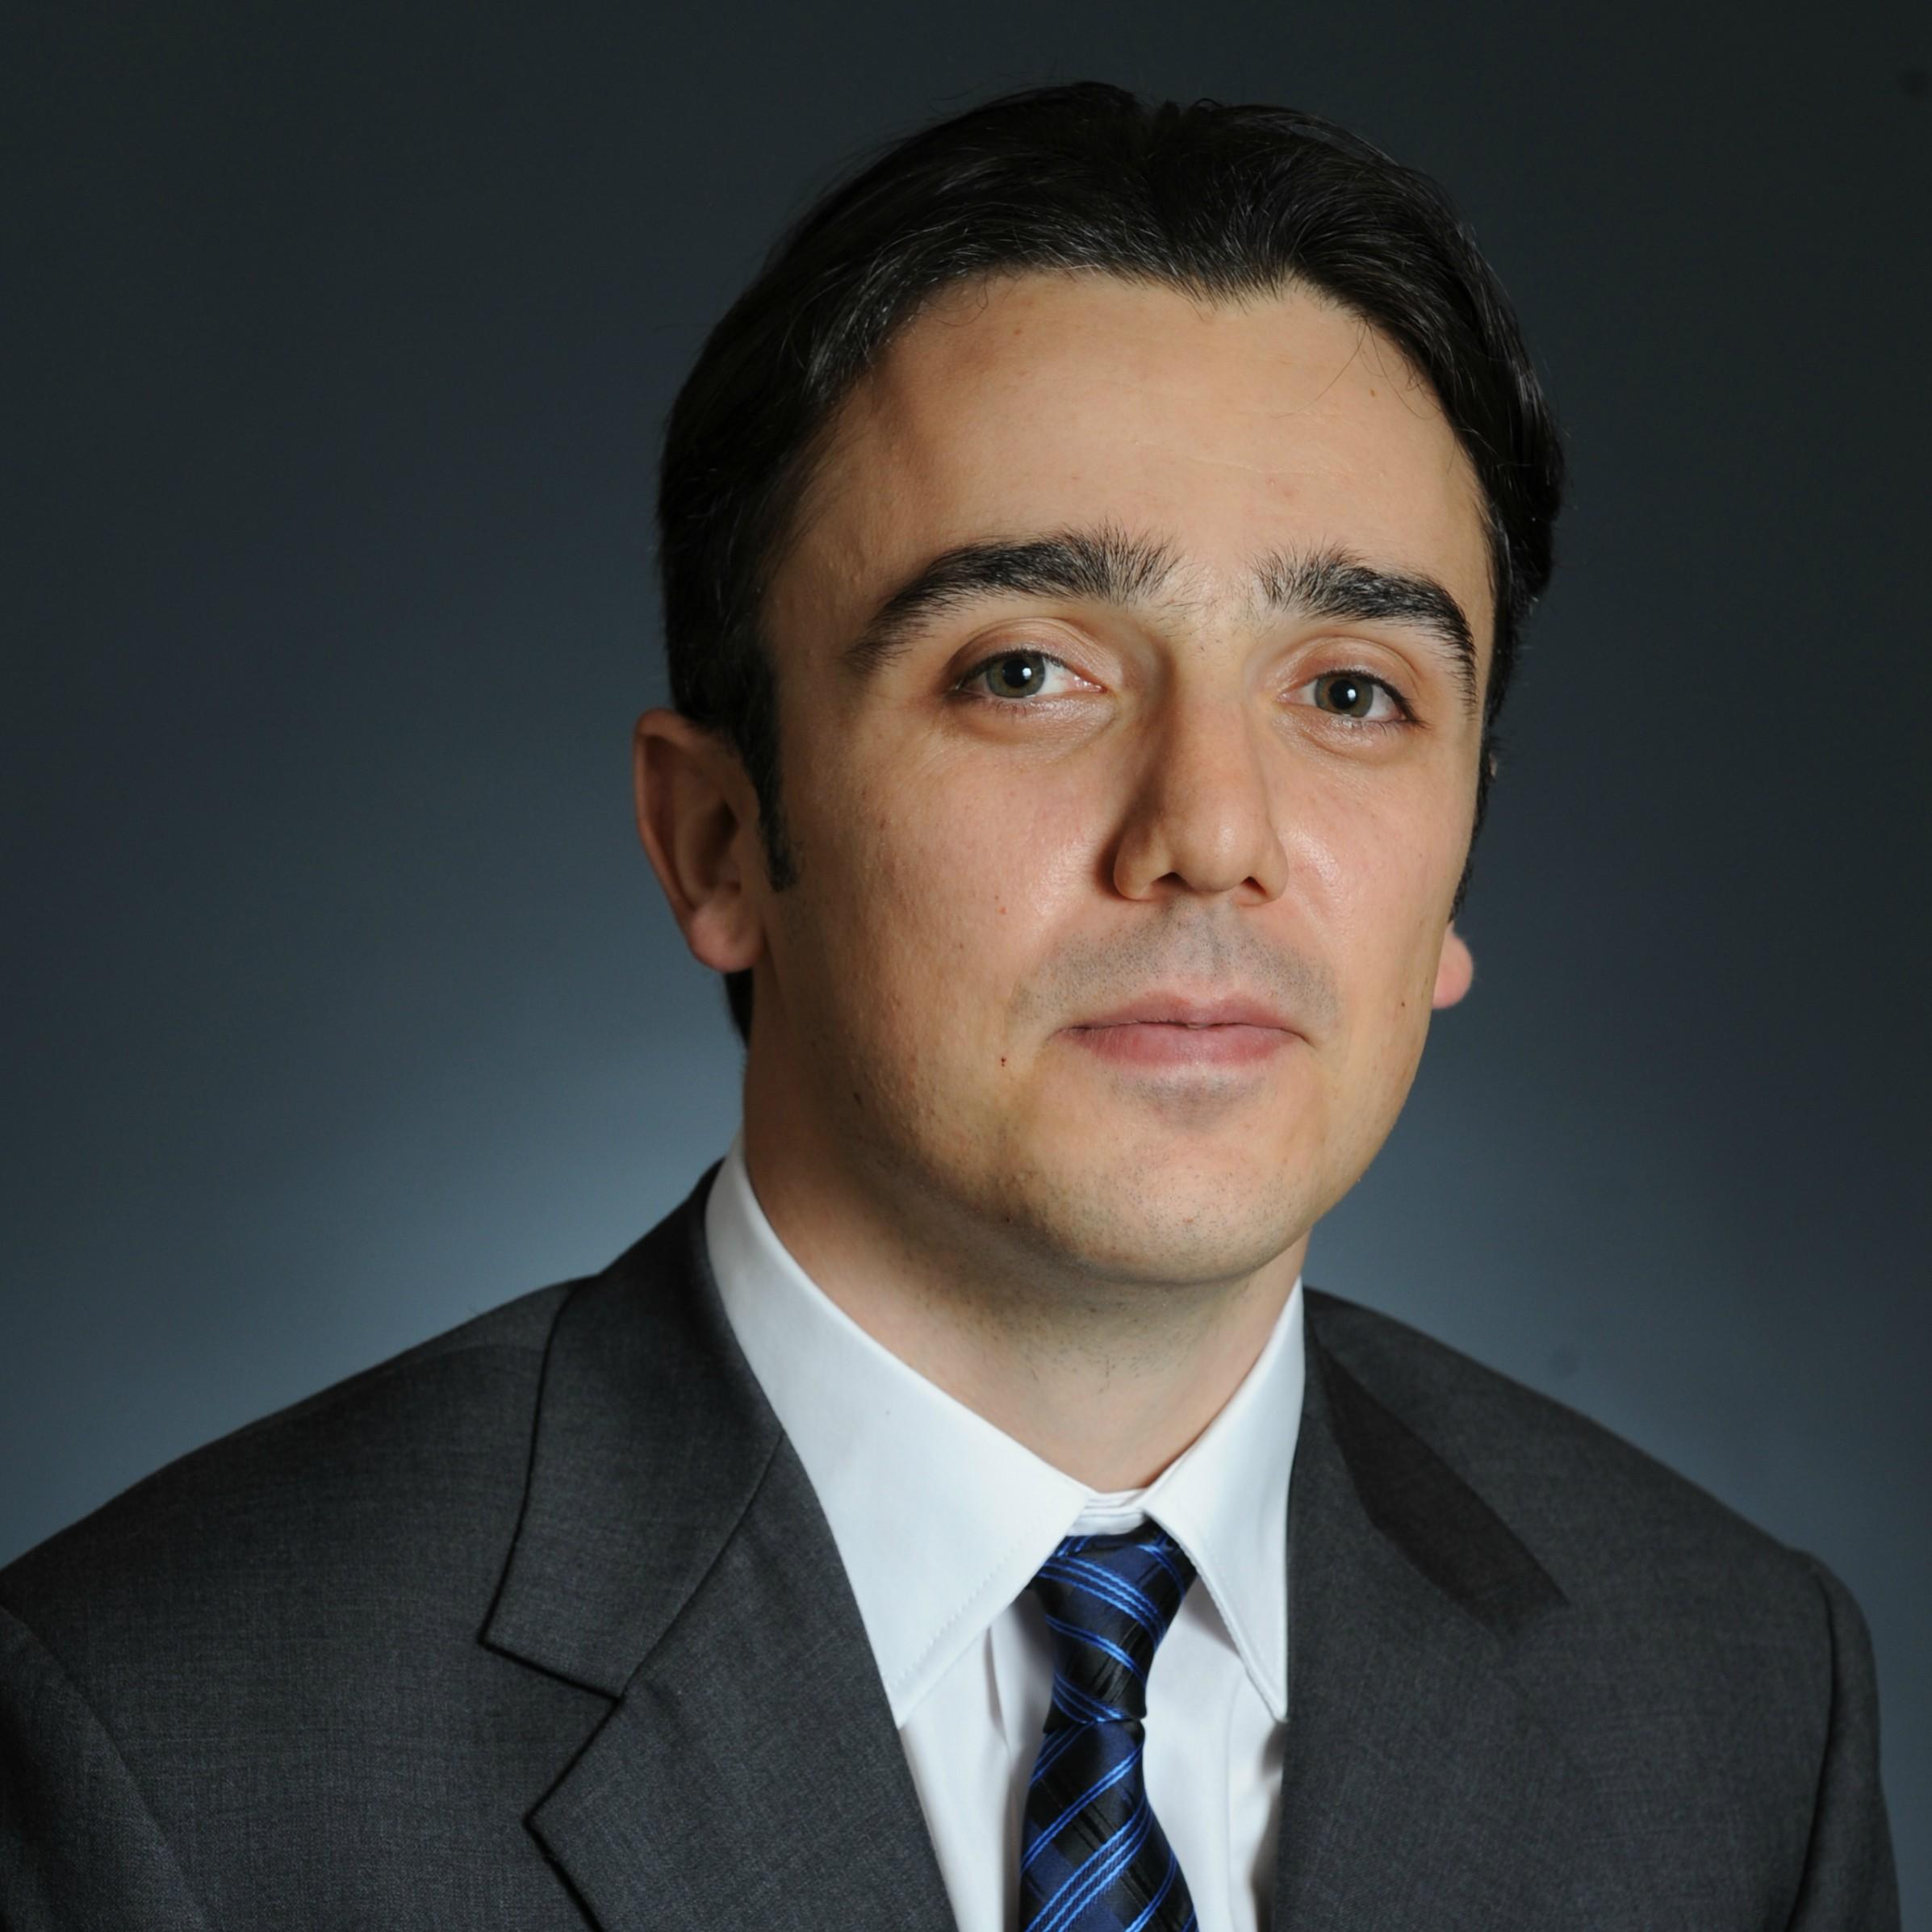 M. Uzeyir Karabiyik